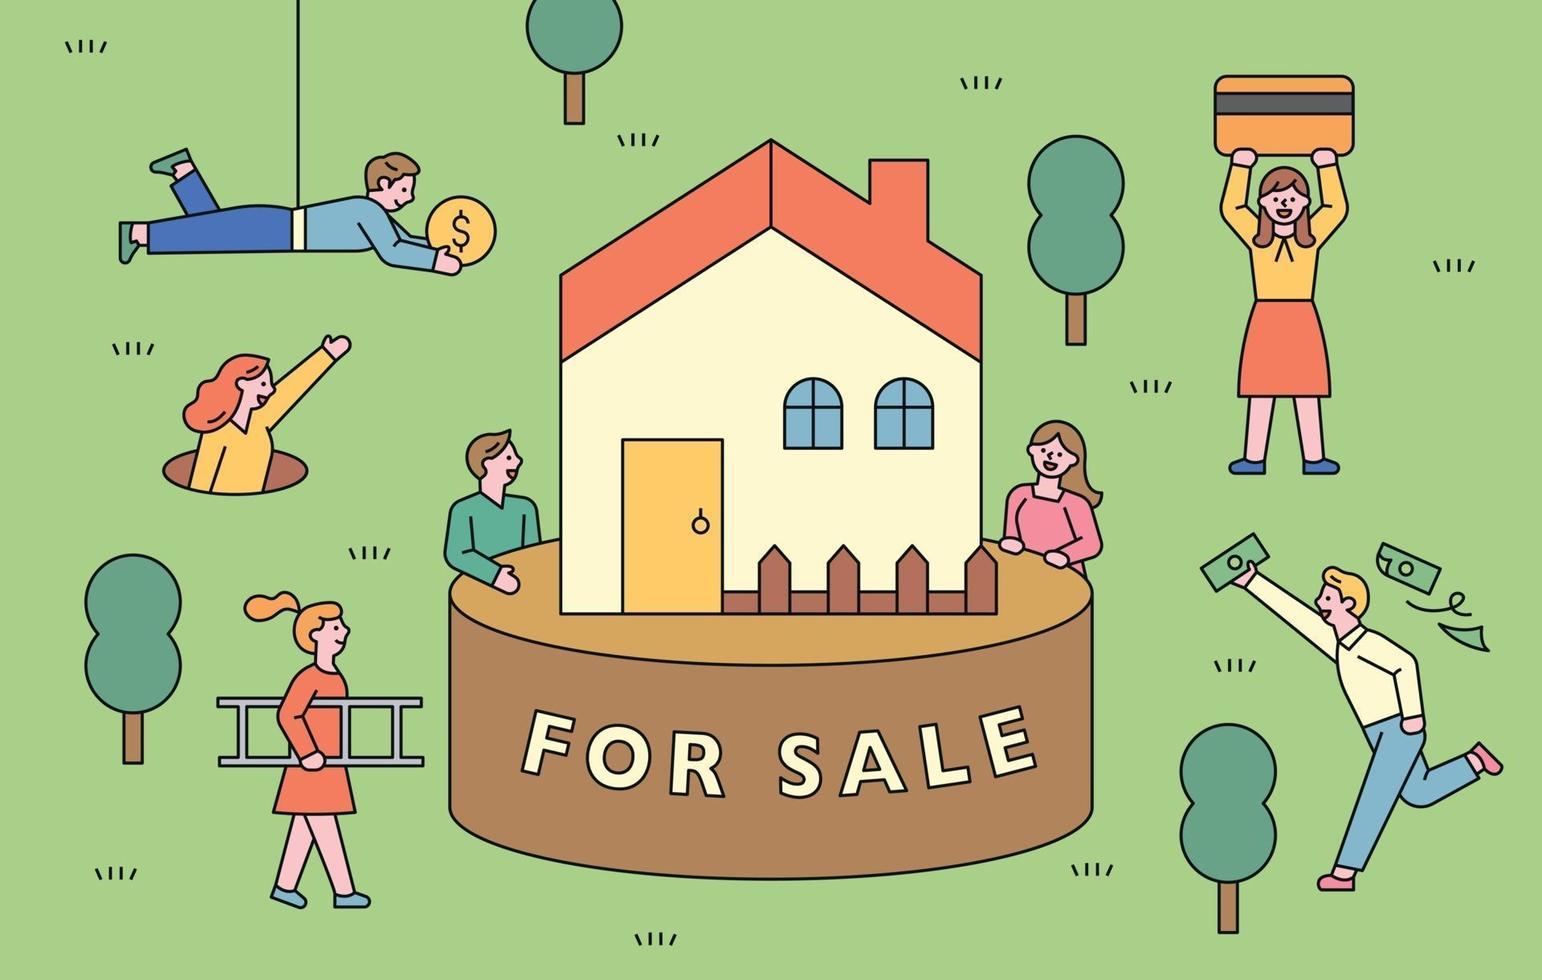 una casa en venta. la gente se está juntando para comprar la casa con dinero. vector